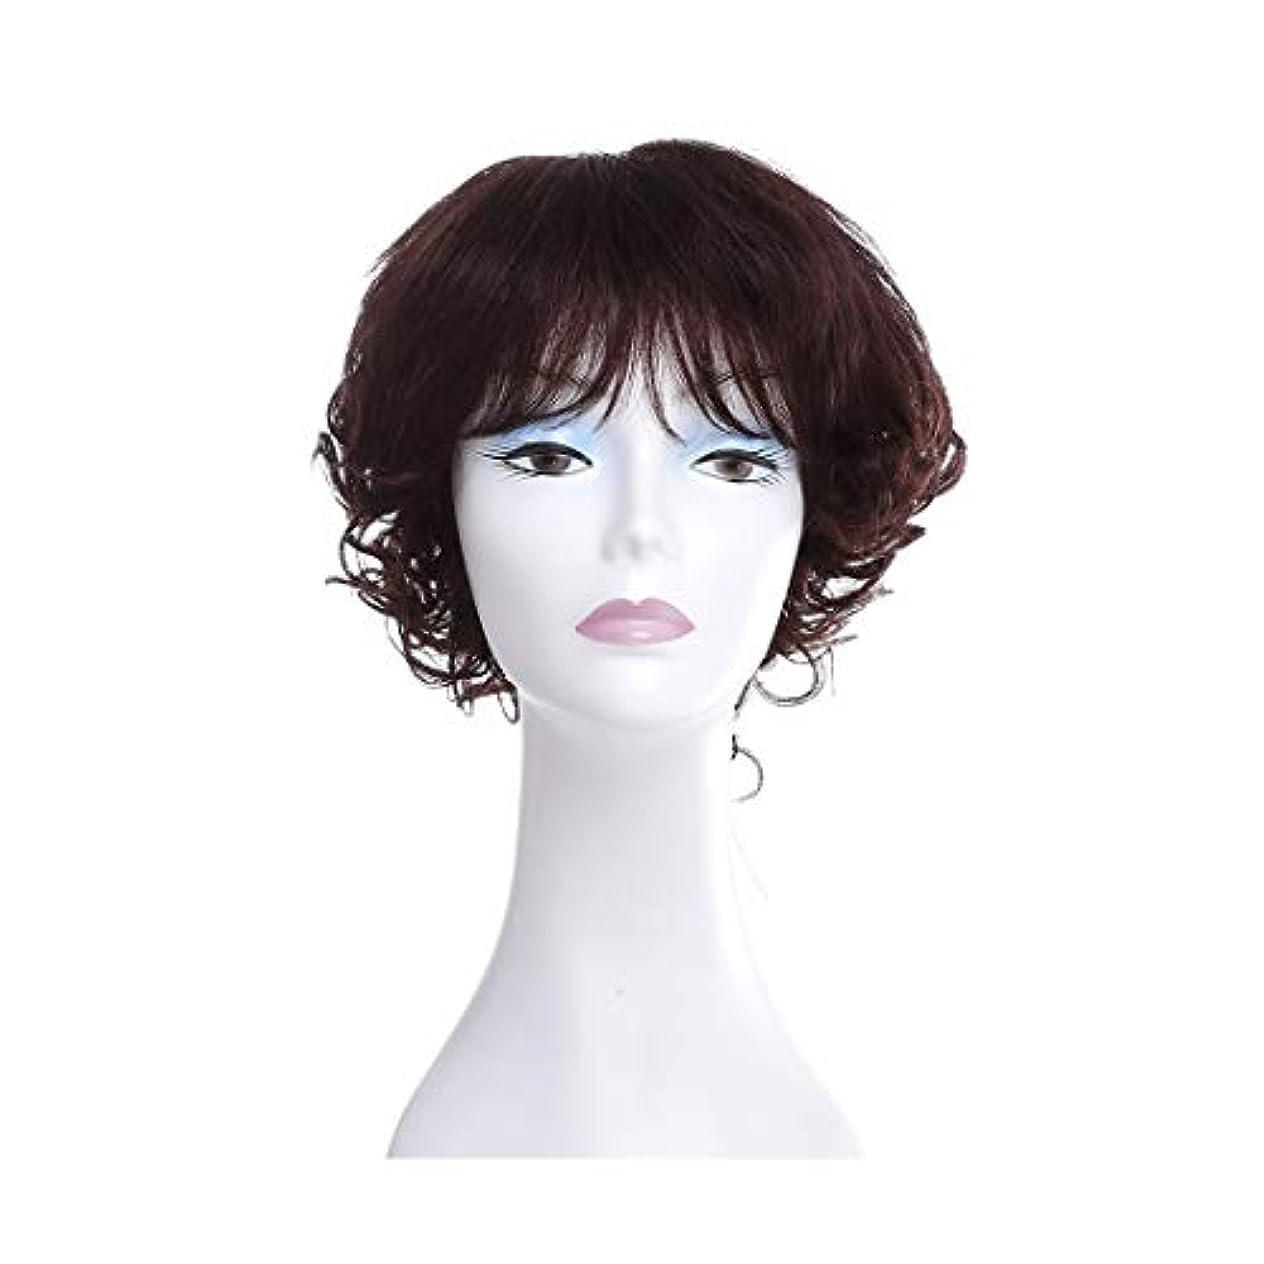 軽潤滑する専門知識YOUQIU 女性ウィッグ100%実髪ストレッチネット気質ふわふわカーリーヘアウィッグウィッグ (色 : Photo Color)